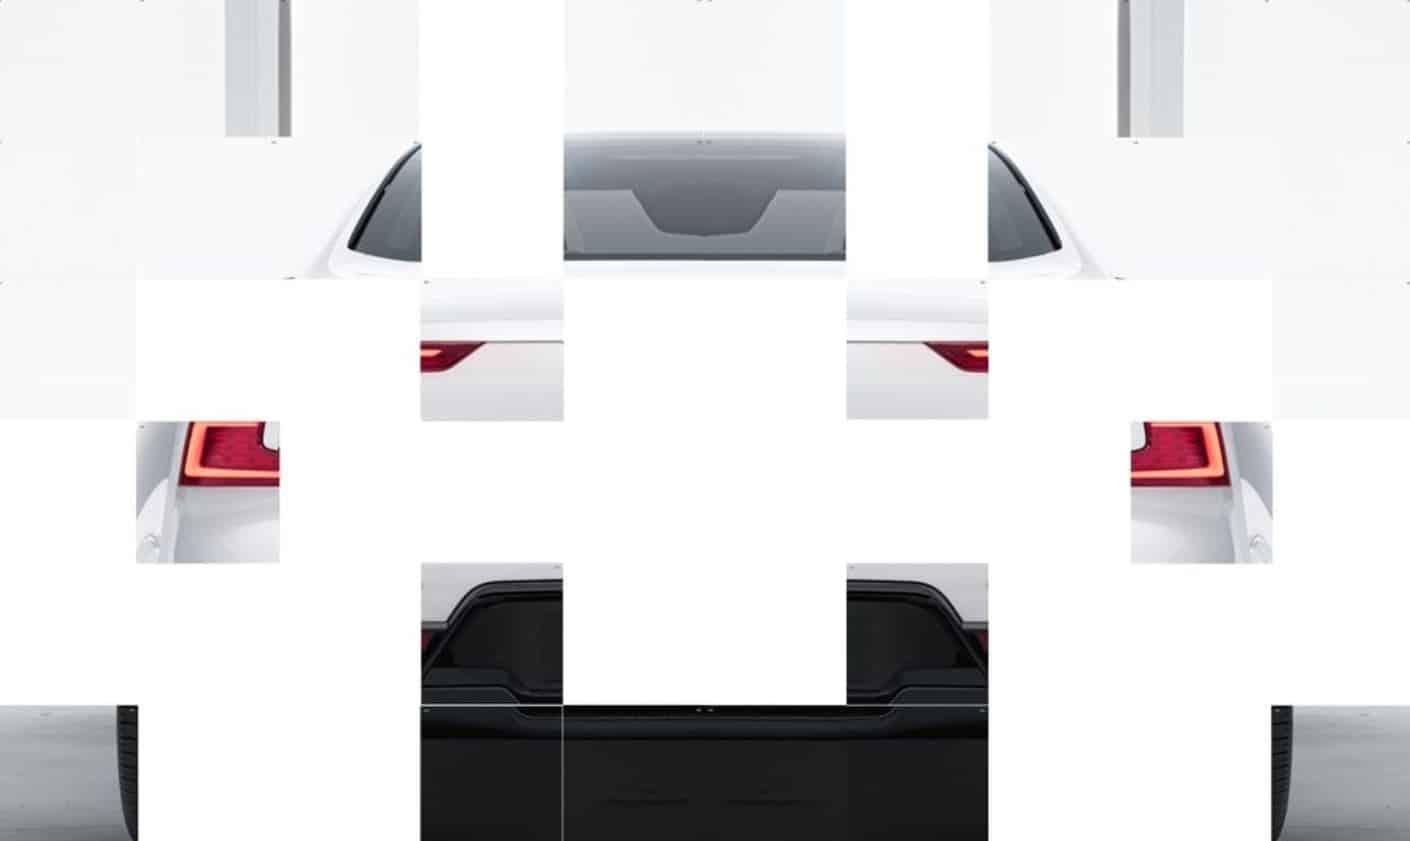 """""""Volvistas"""" de todo el mundo, aquí tenéis lo que queríais: ¿Un S90 Coupé de Polestar?"""